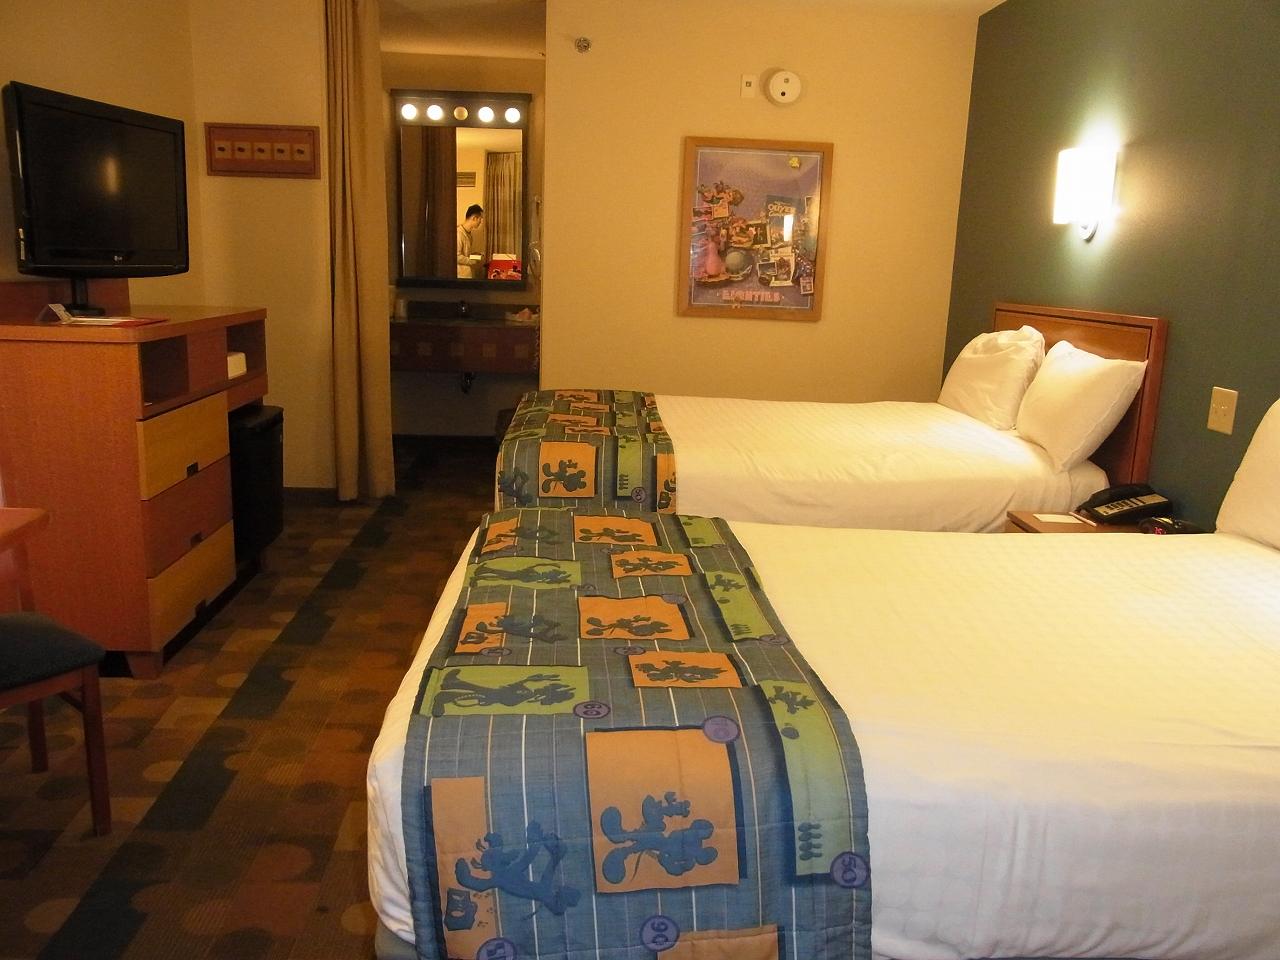 WDW旅行記 25 ポップセンチュリーの部屋について